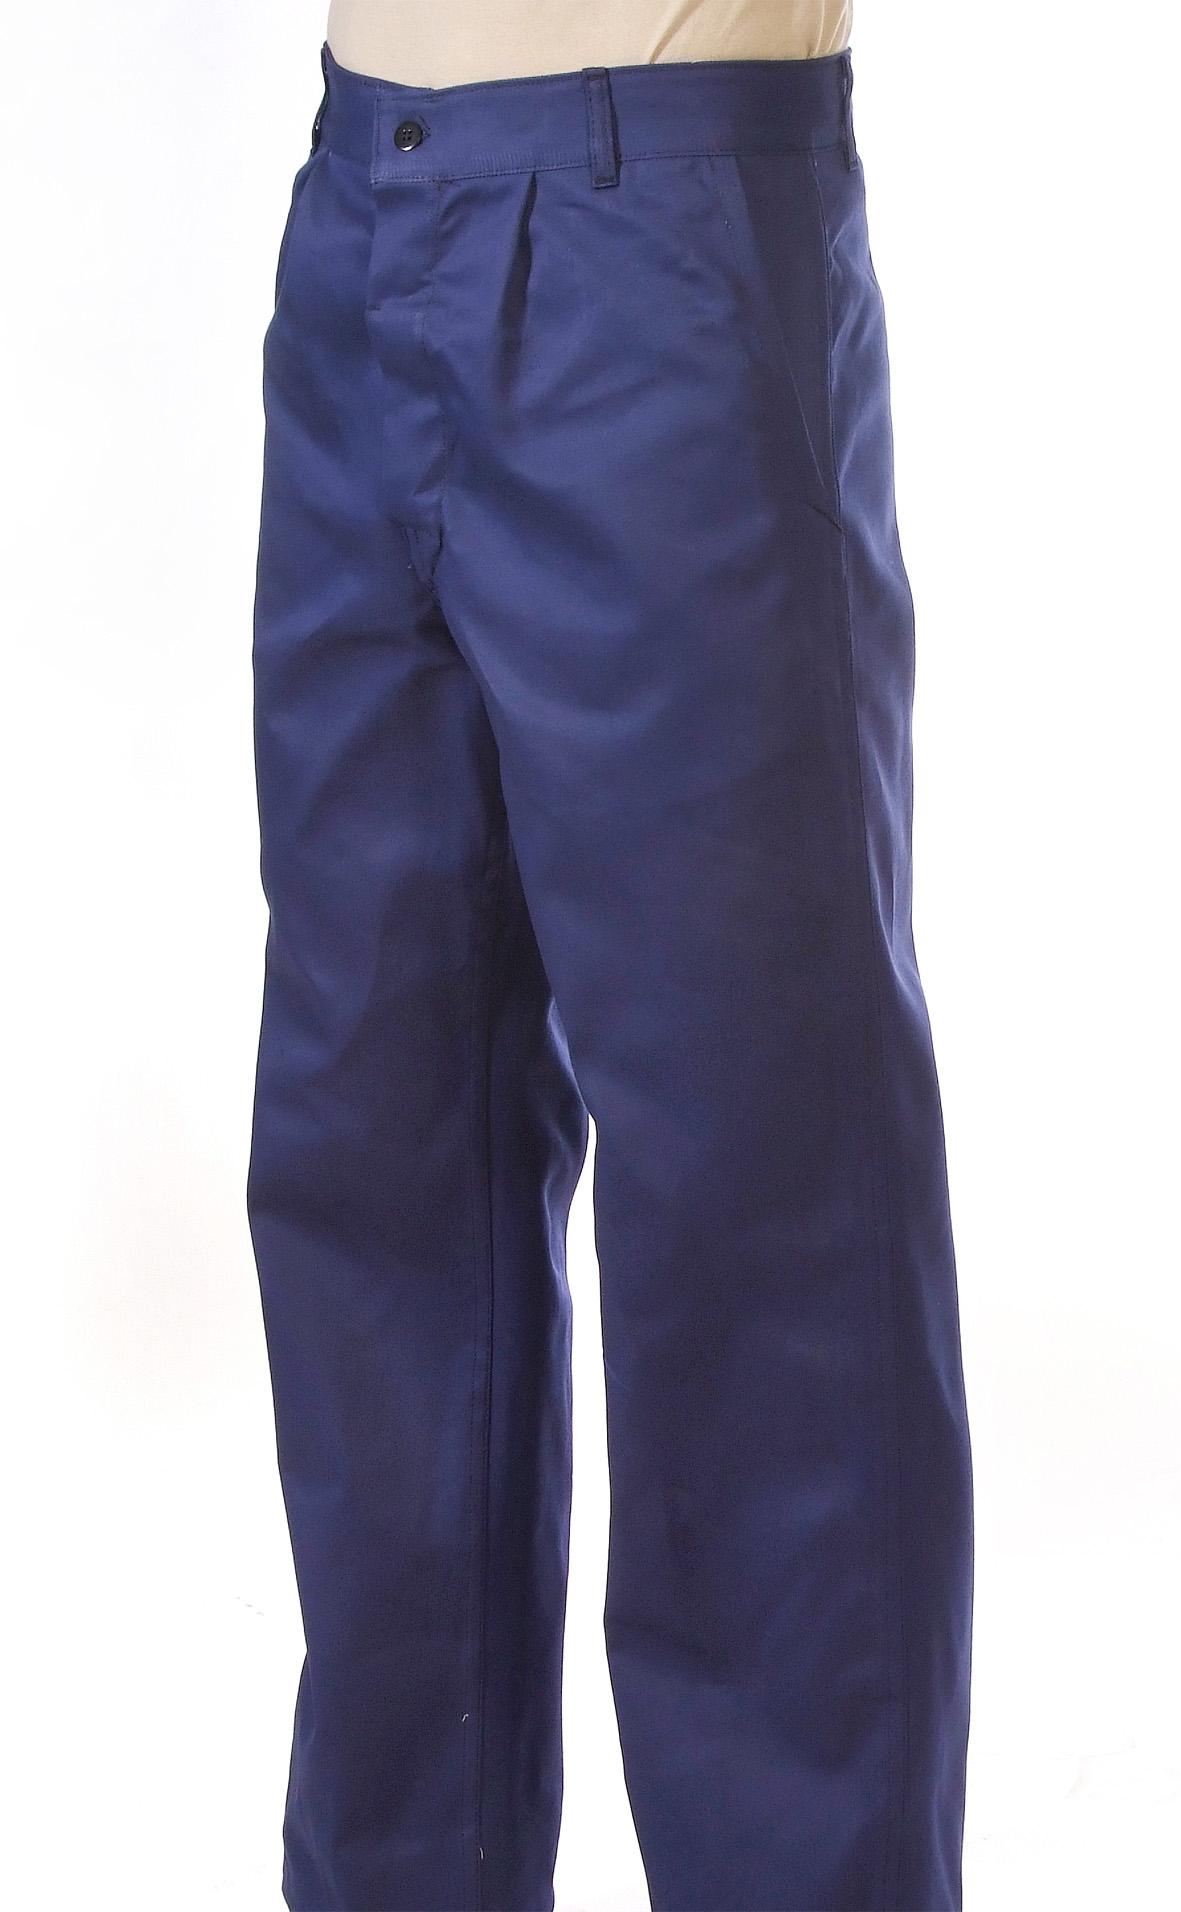 Pantalón clásico sin goma Image